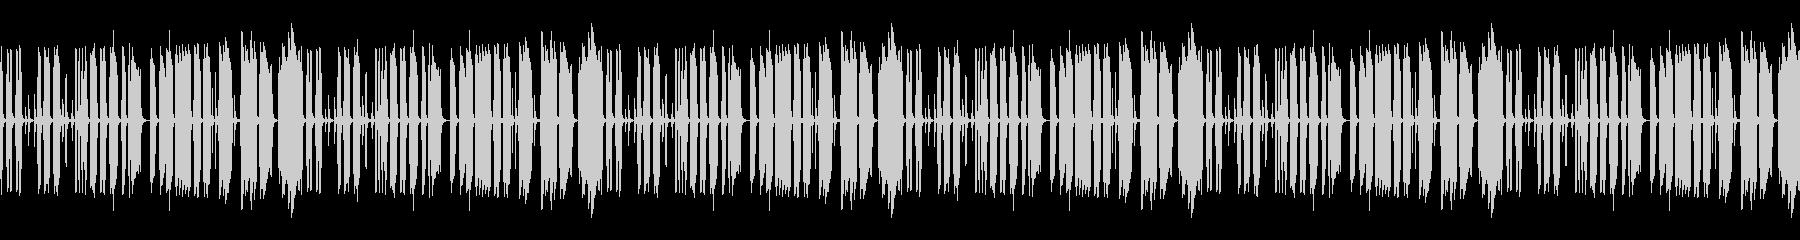 トークBGM のんき ループ処理済の未再生の波形